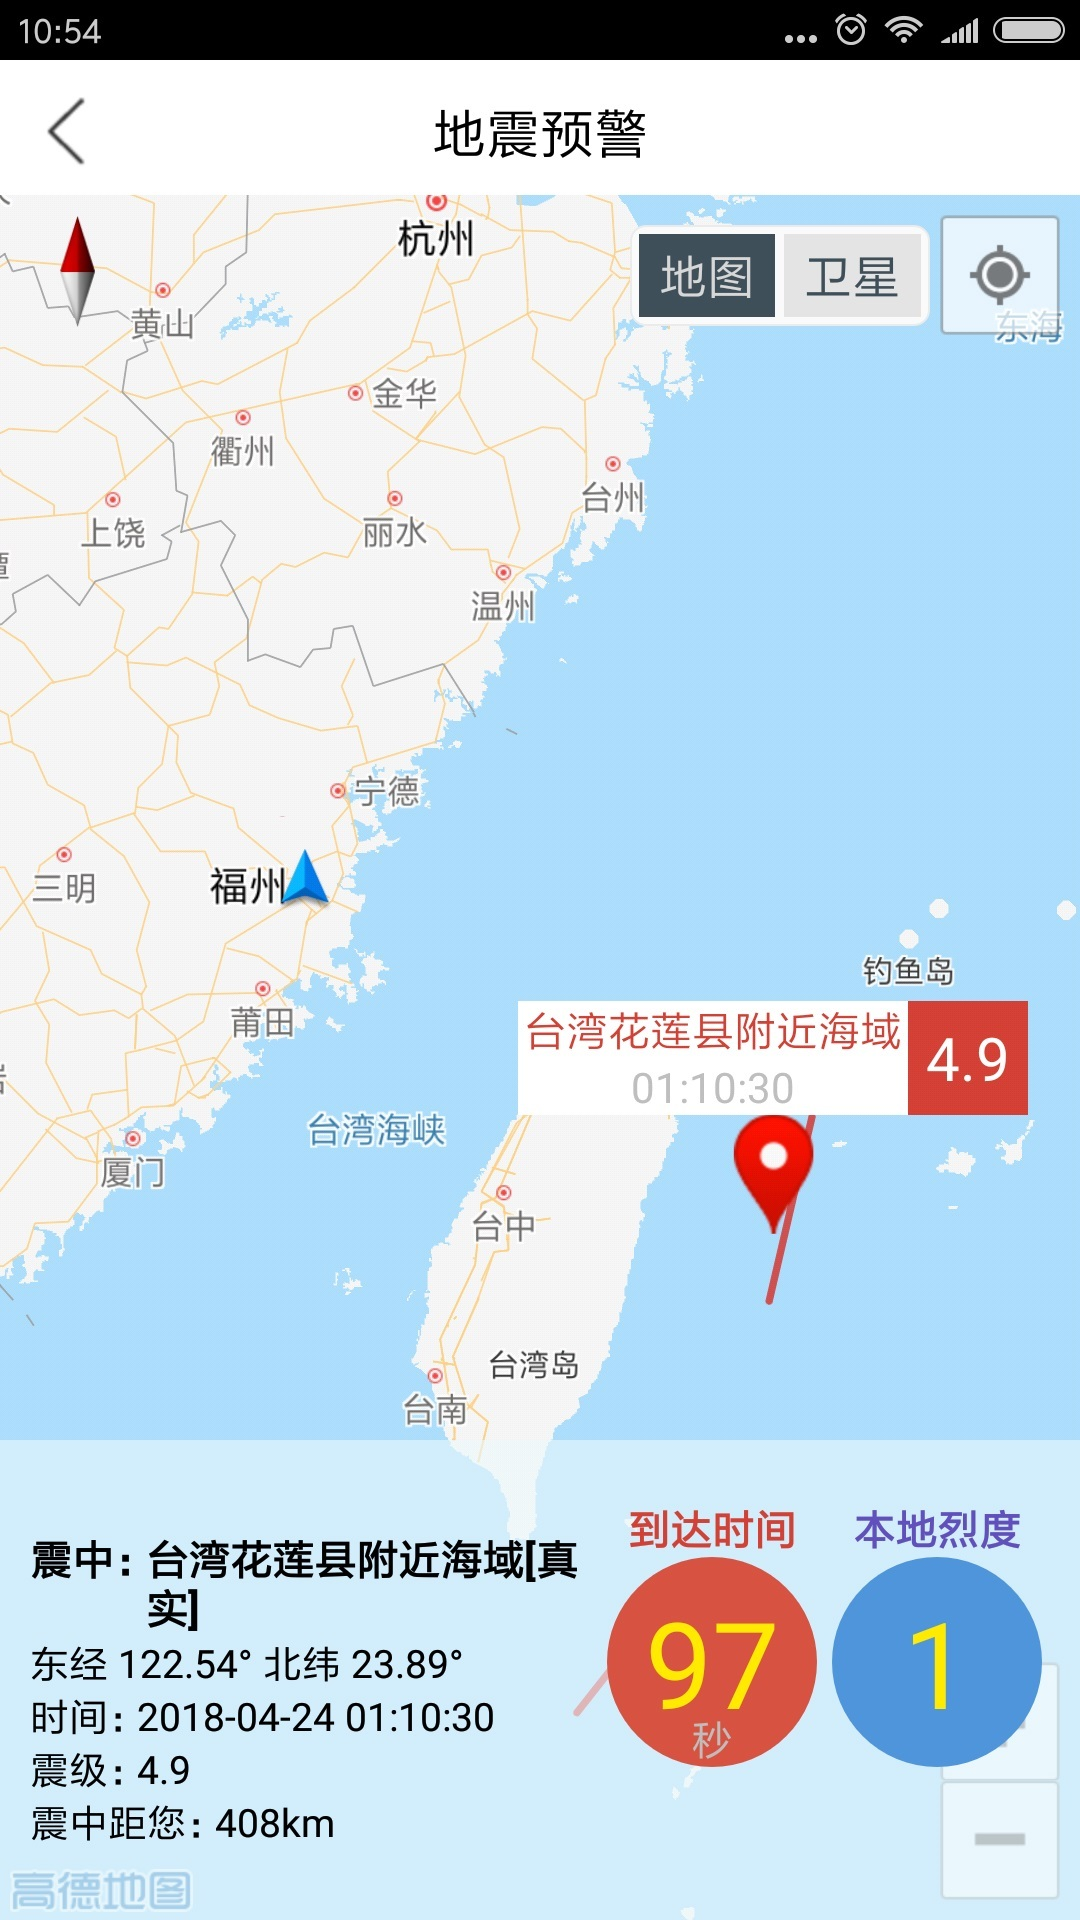 福建地震预警截图2